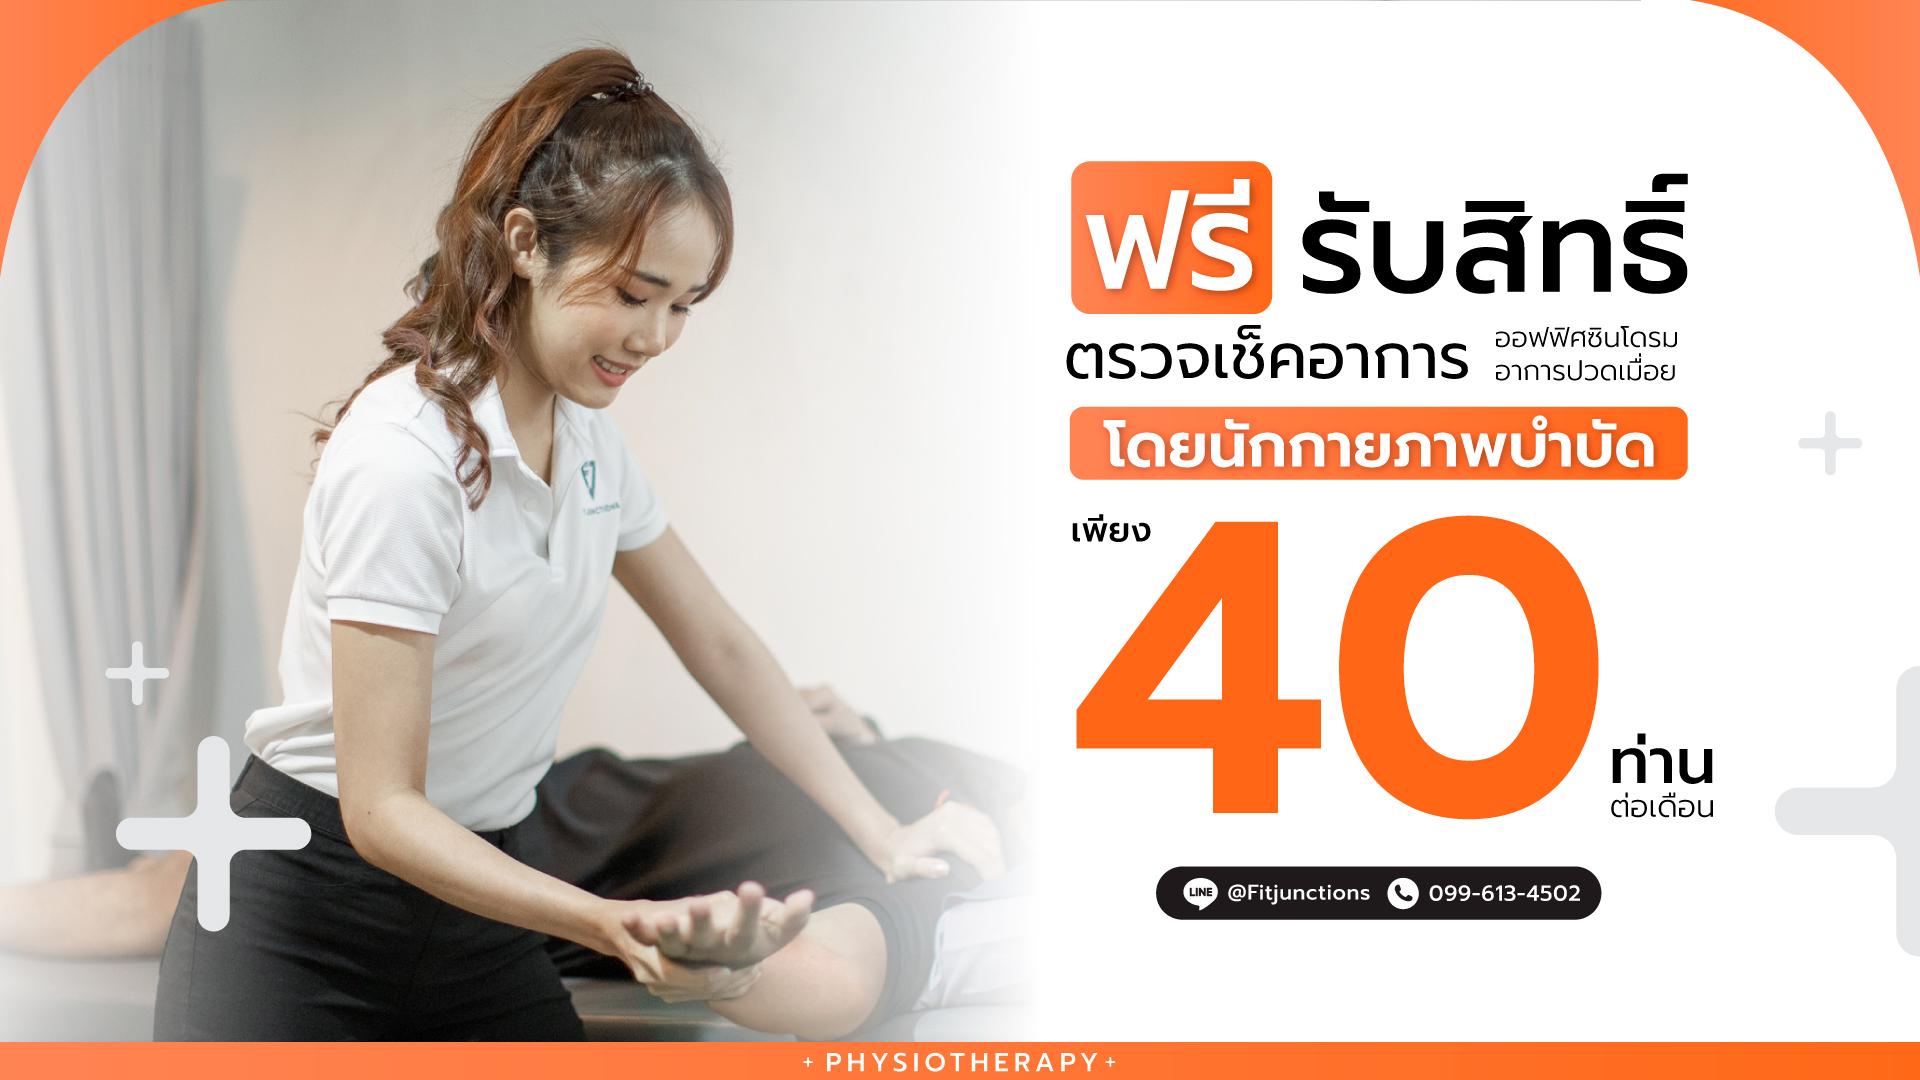 กายภาพ-r5-web